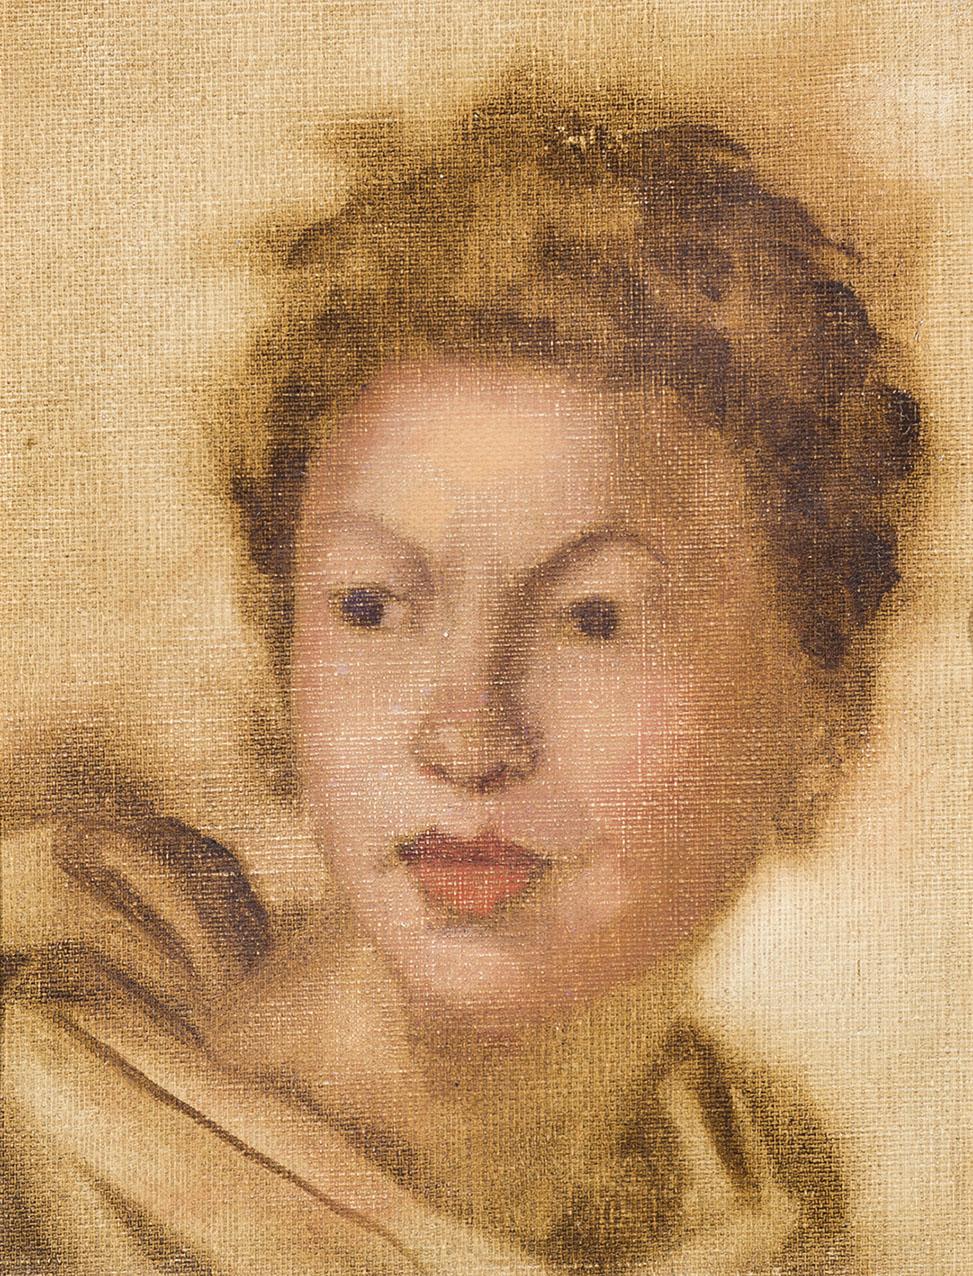 Tamara-de-Lempicka-Tete-de-Gabriela